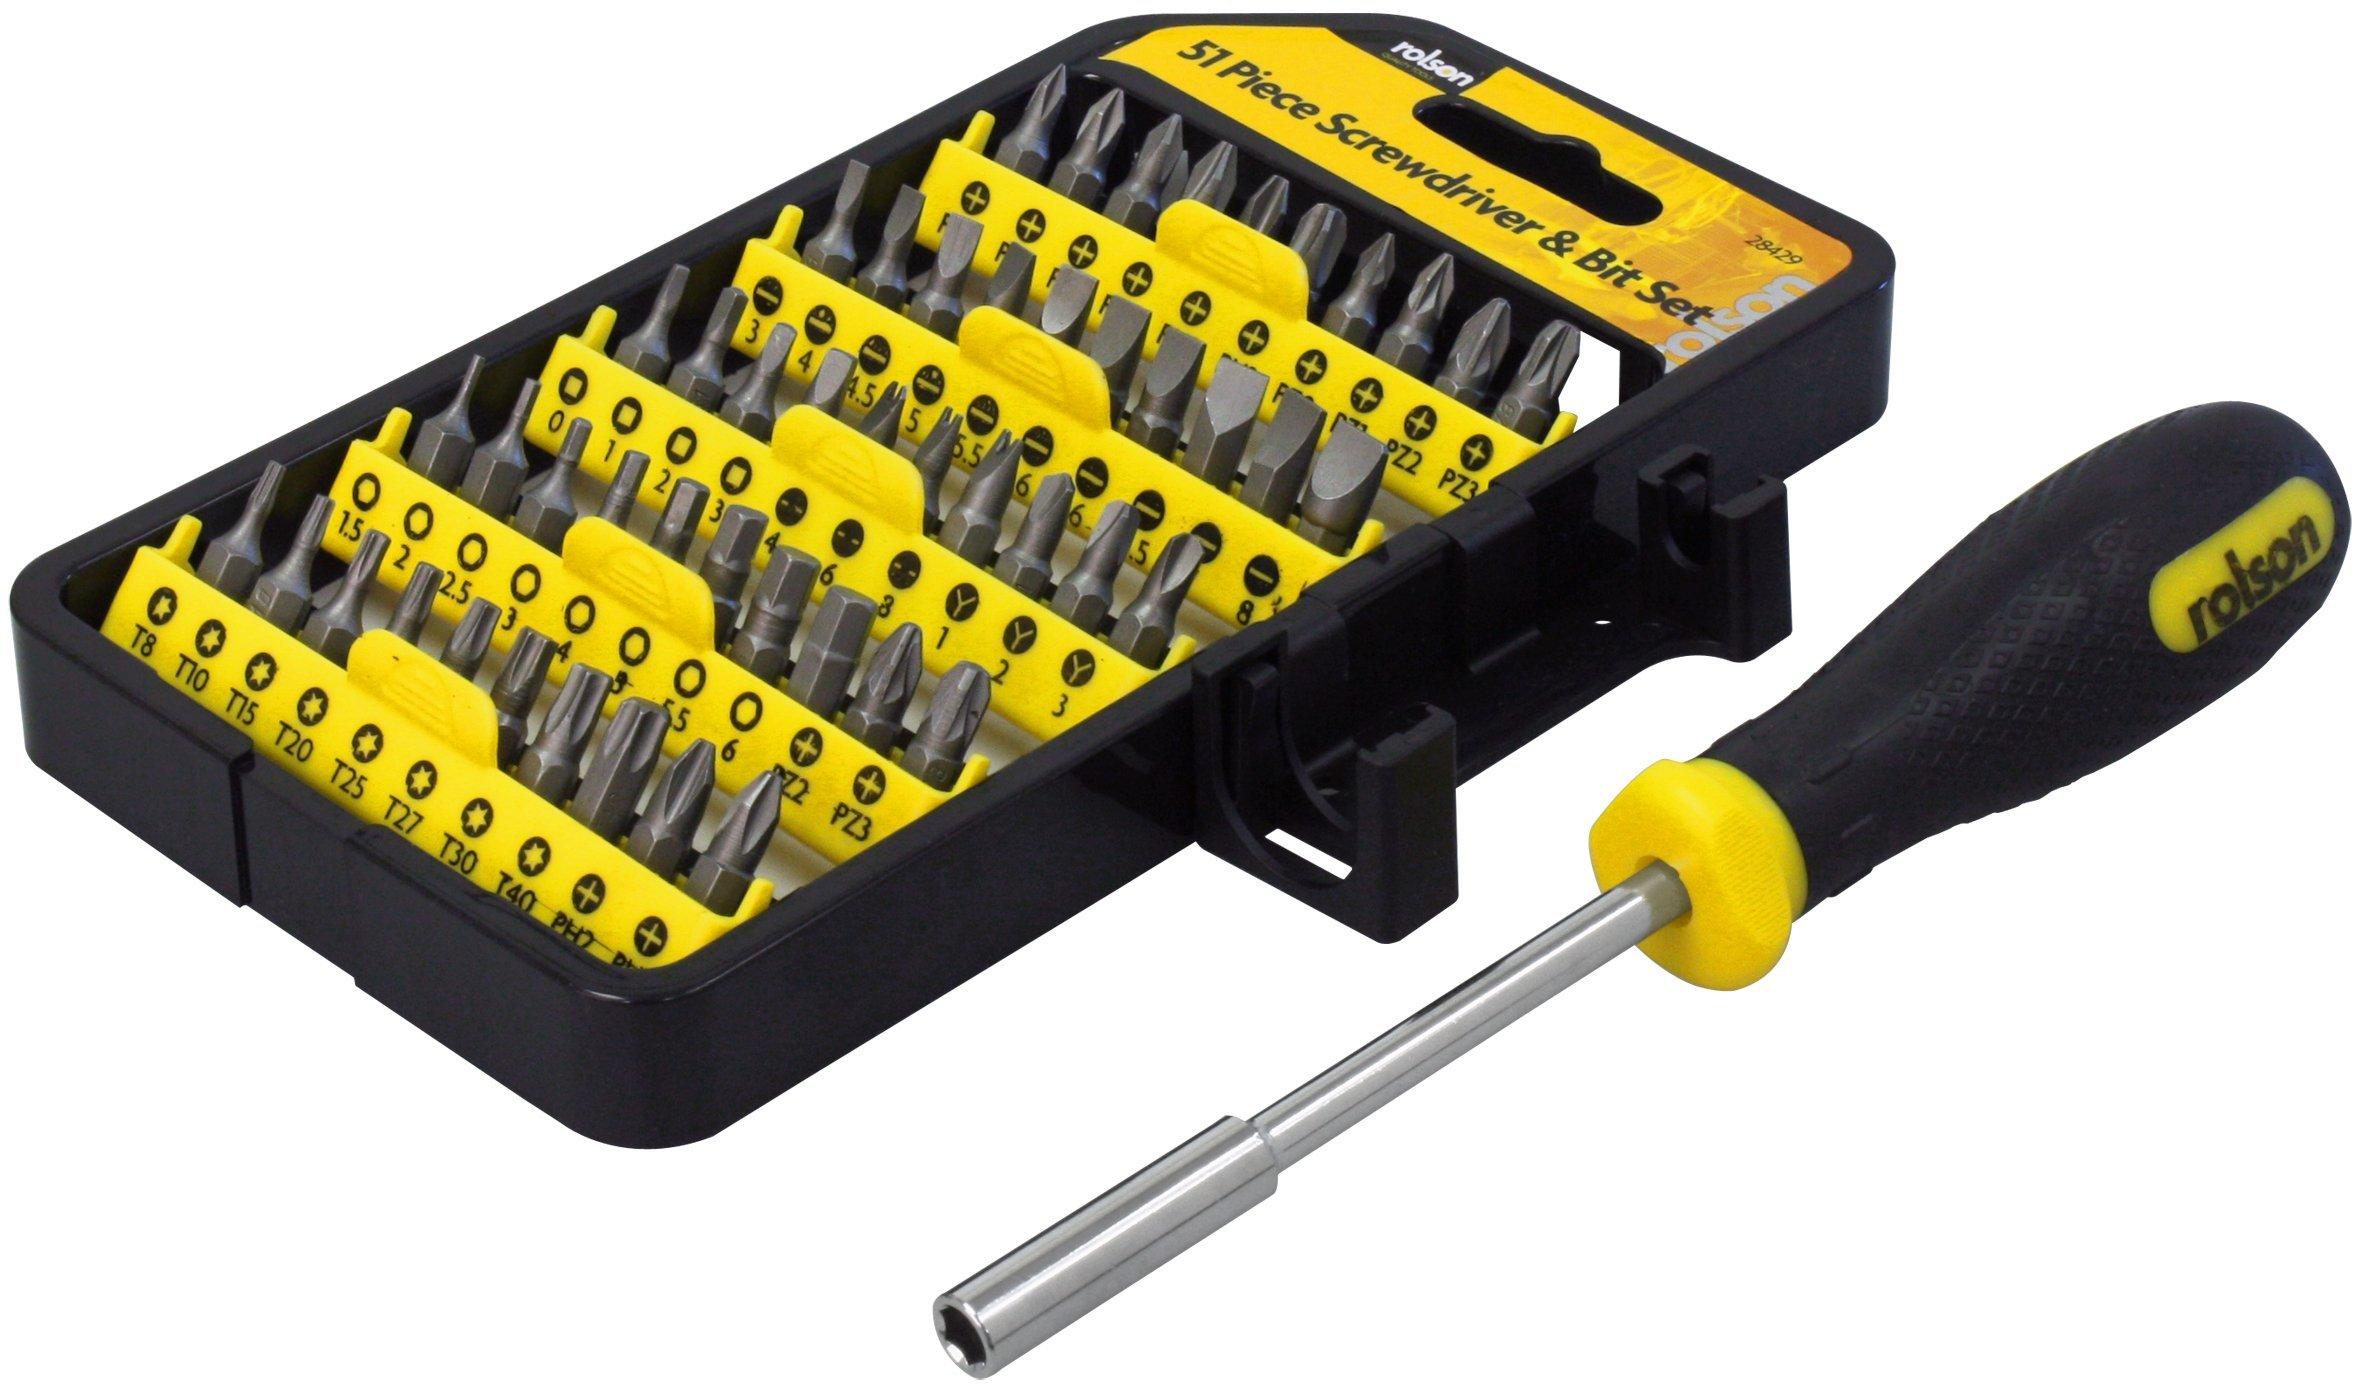 81aI2XHDdJL - Dicoal - Maletín atornillador 51 piezas